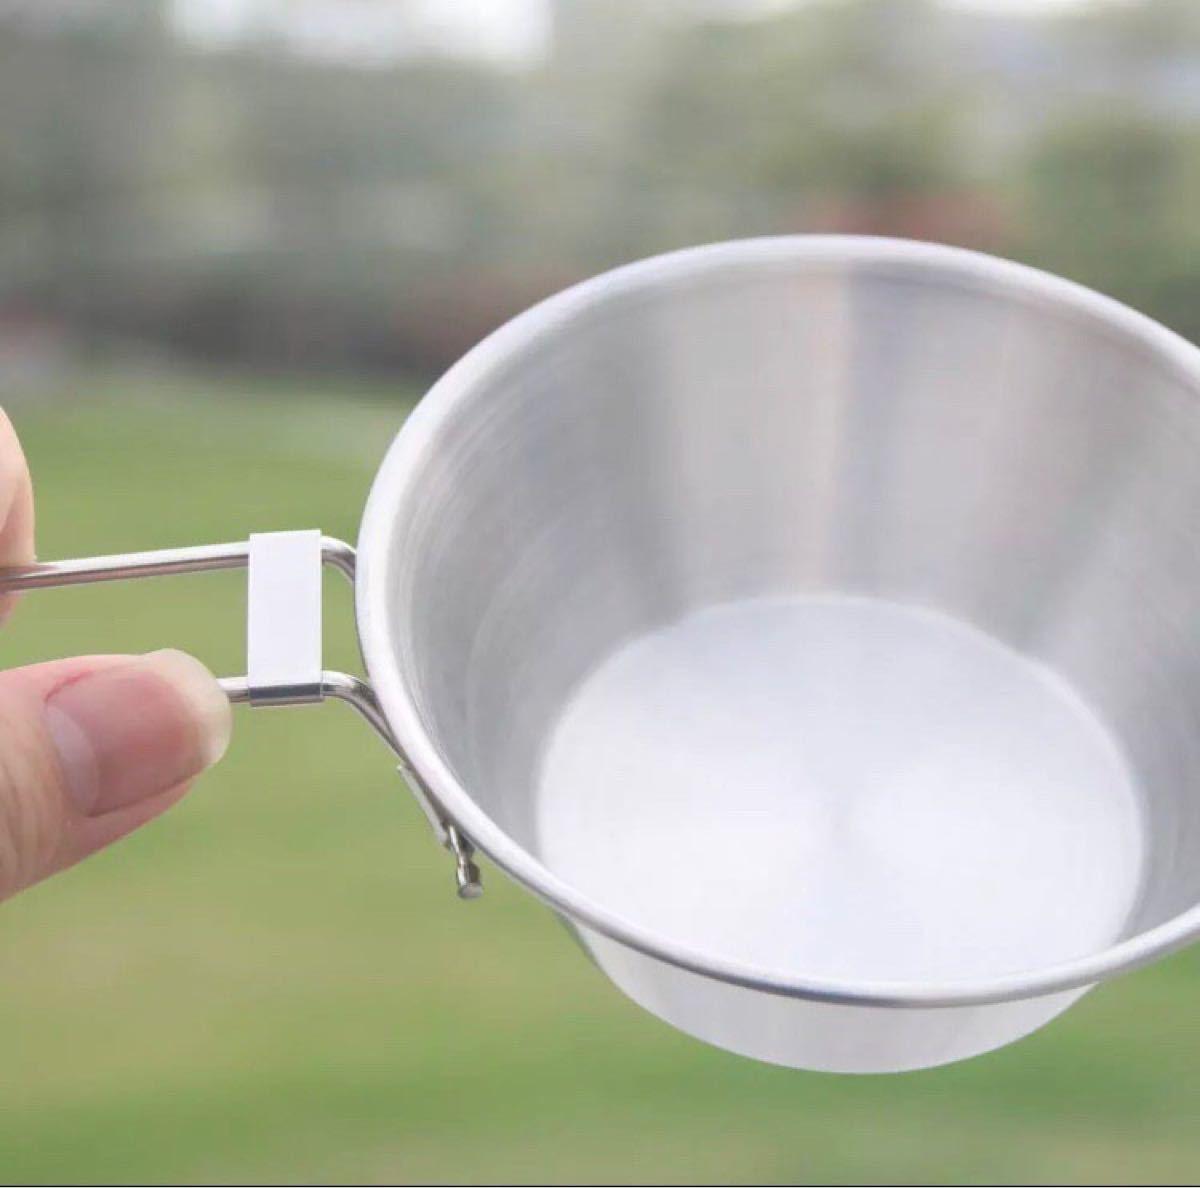 シェラカップ キャンプ用品 調理器具 キャンプグッズ ソロキャンプ 焚き火